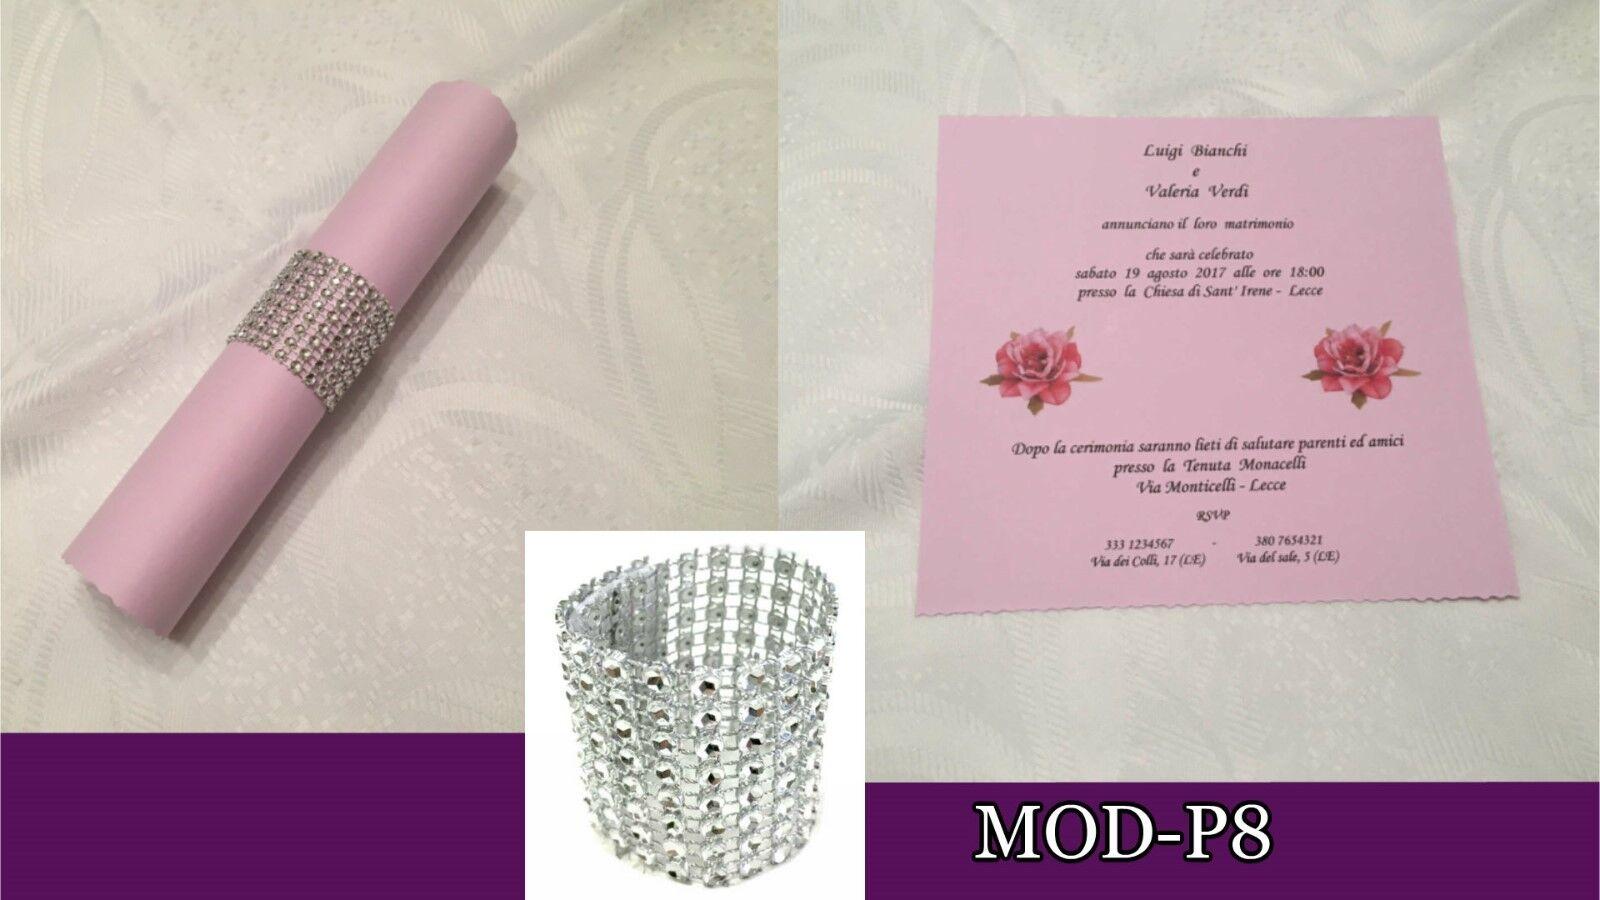 Partecipazioni Matrimonio inviti Nozze, fatte a mano, MOD-P8 lilla rotolo strass